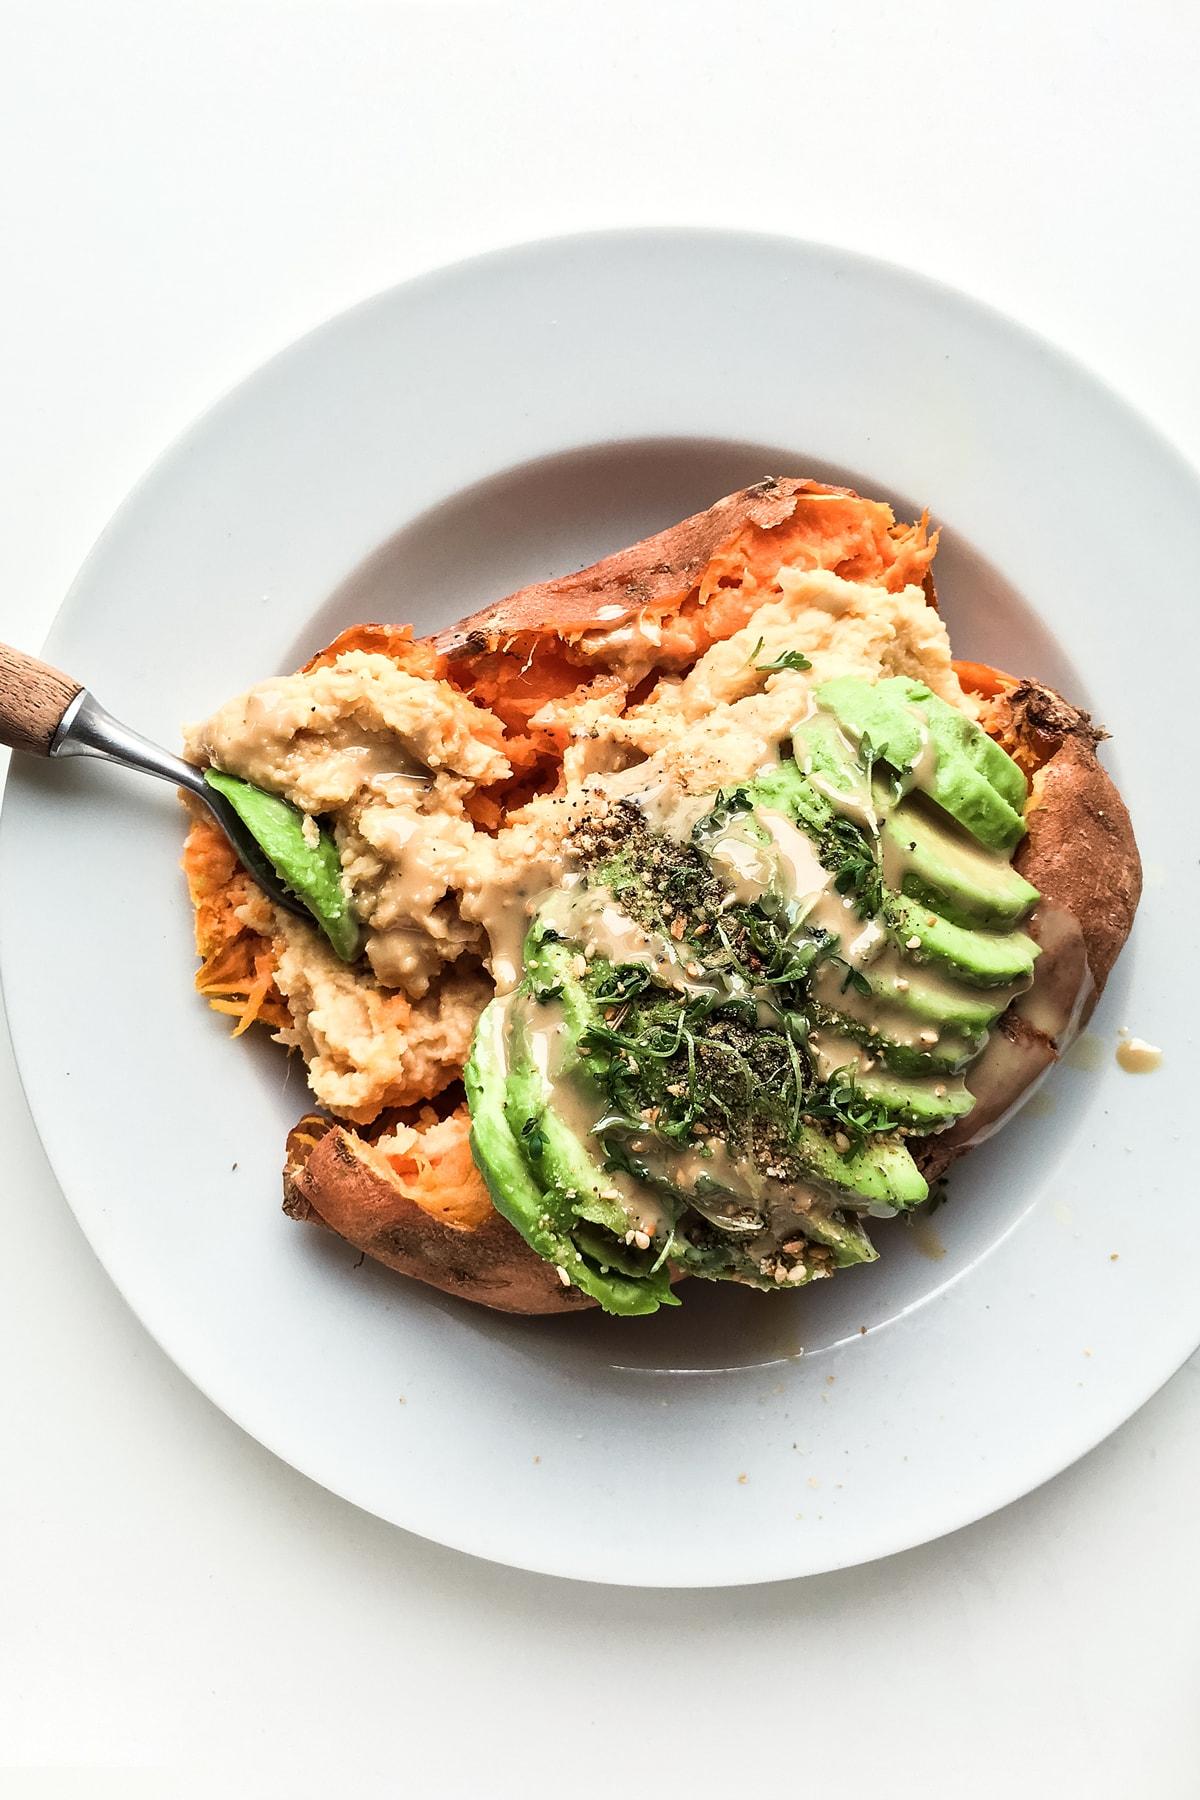 suesskartooffel-mit-hummus-und-avocado-2